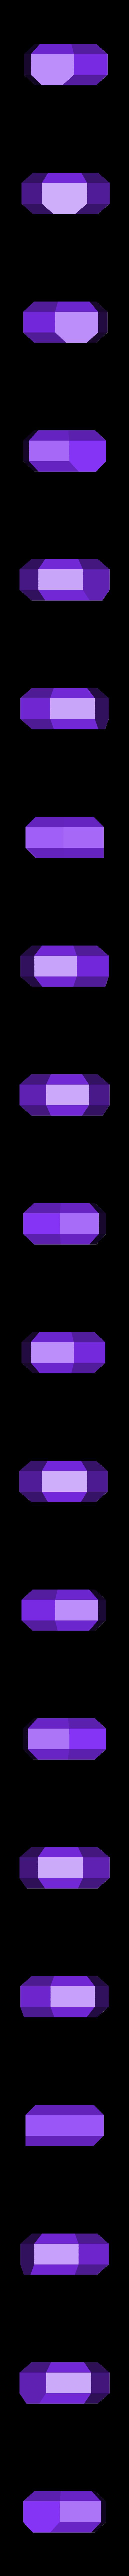 Medium_Gem.stl Télécharger fichier STL gratuit Pots de pierres précieuses • Plan pour impression 3D, Isi8Bit